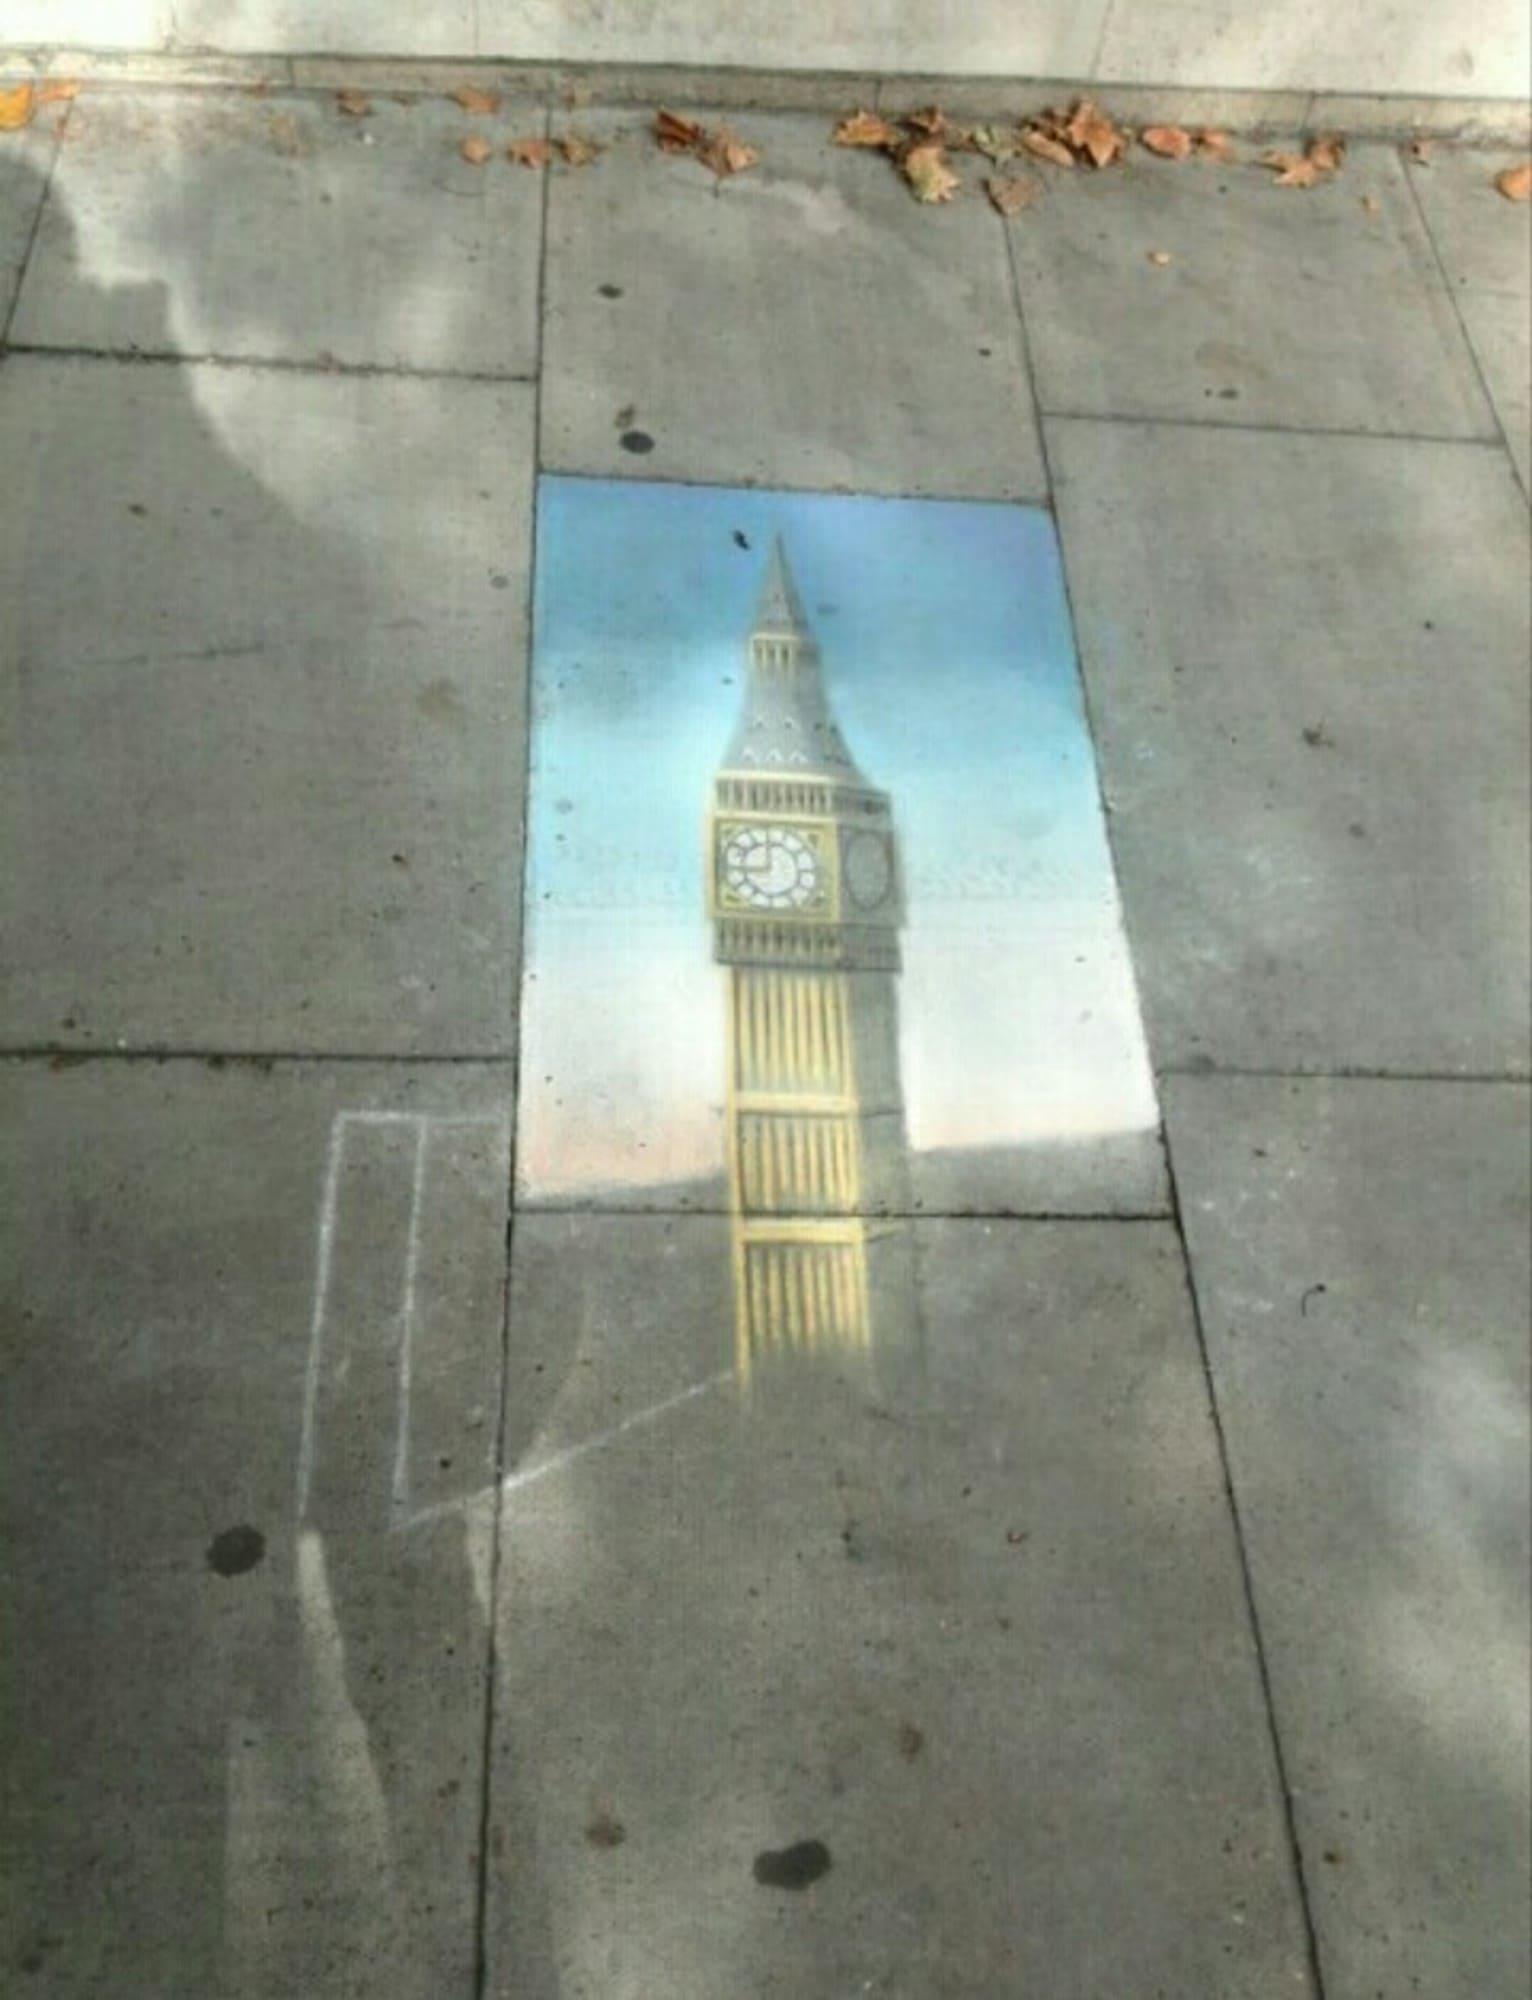 Ein Pflasterstein reicht aus, um eine der berühmtesten Sehenswürdigkeit Londons abzubilden.